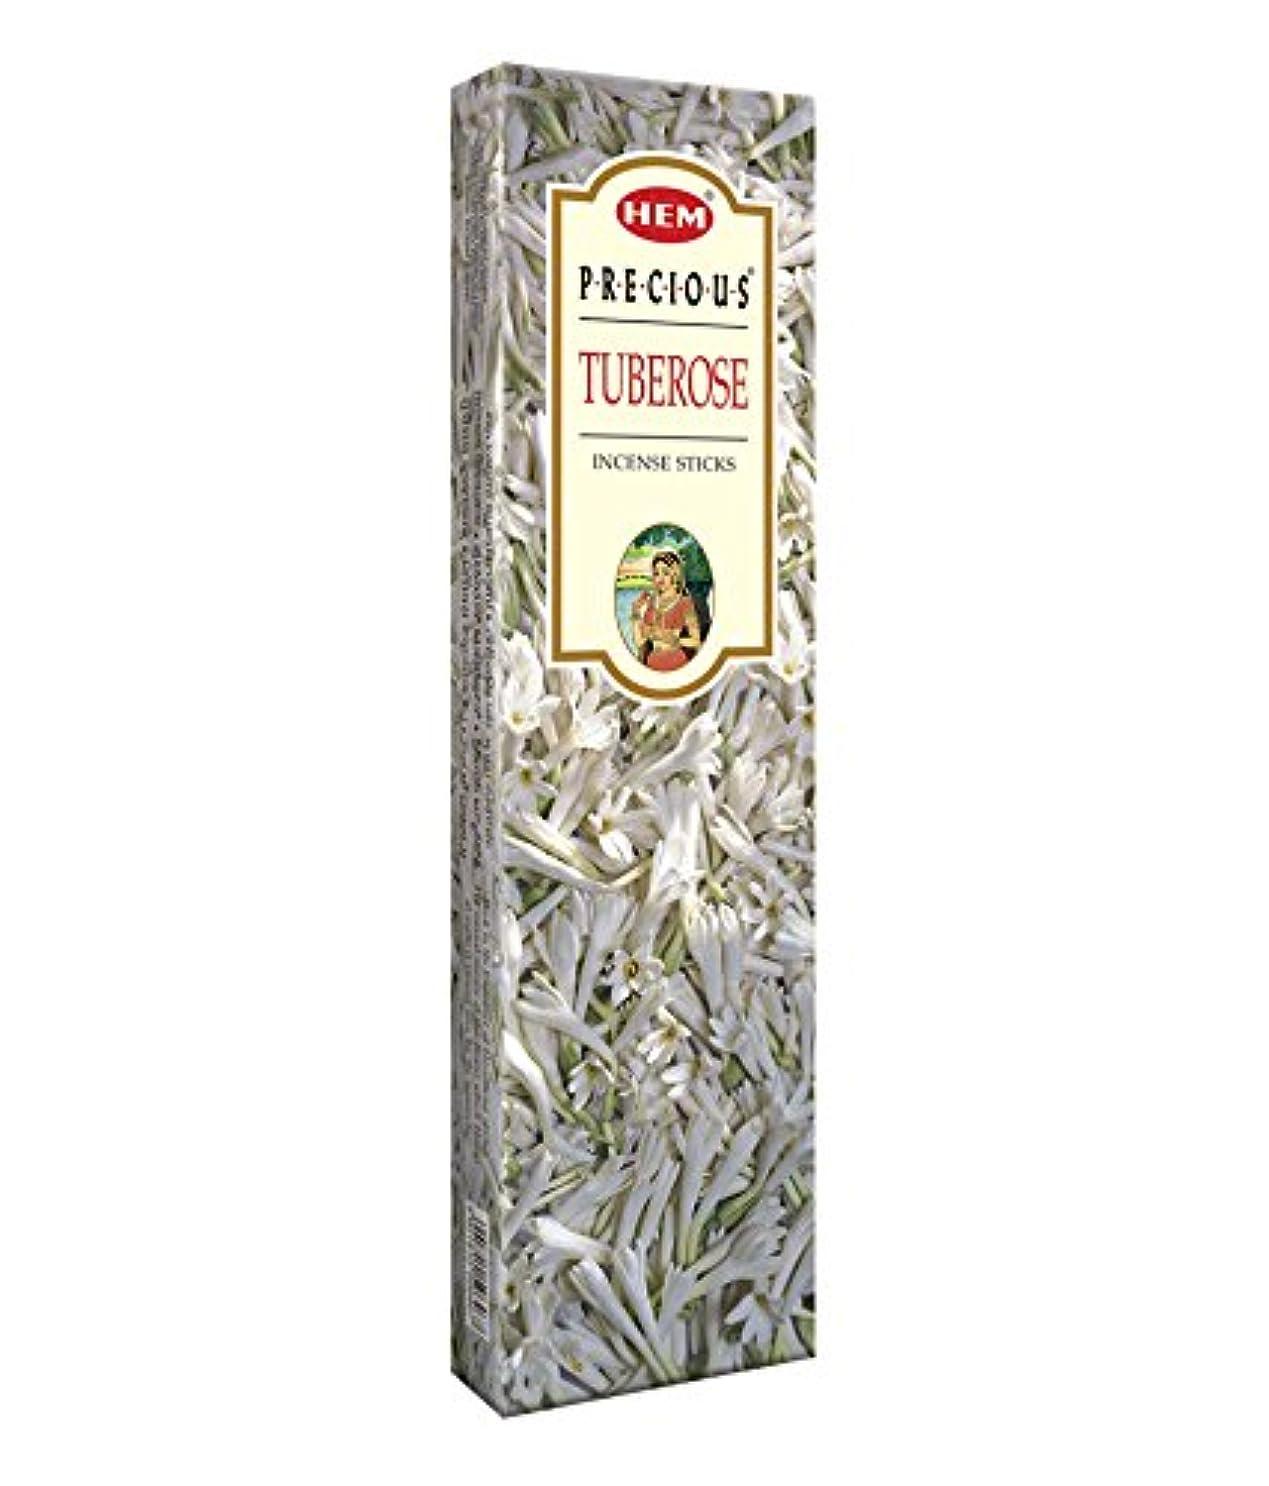 気分が悪い願う速いAgarbathi Fragrance Hem Precious Tuberose 100 g INCENSE STICKS